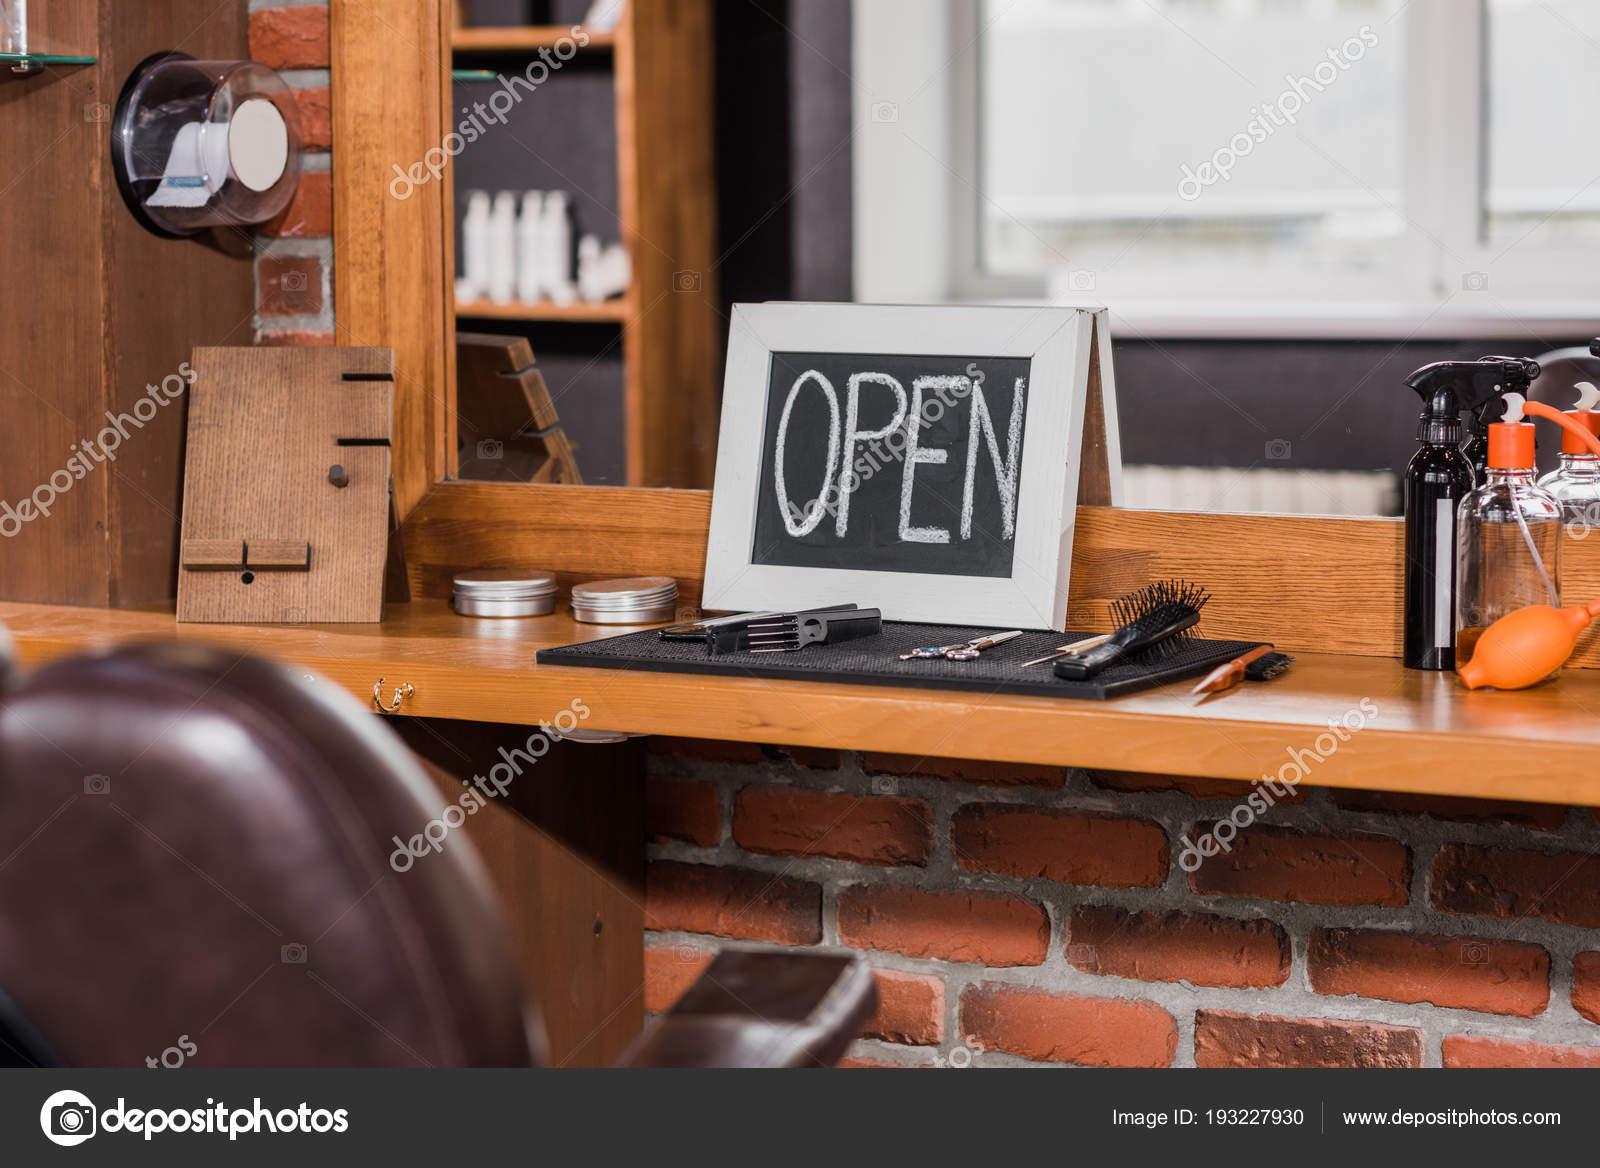 Tableau Noir Avec Signe Ouvert Pench Sur Miroir Salon Coiffure